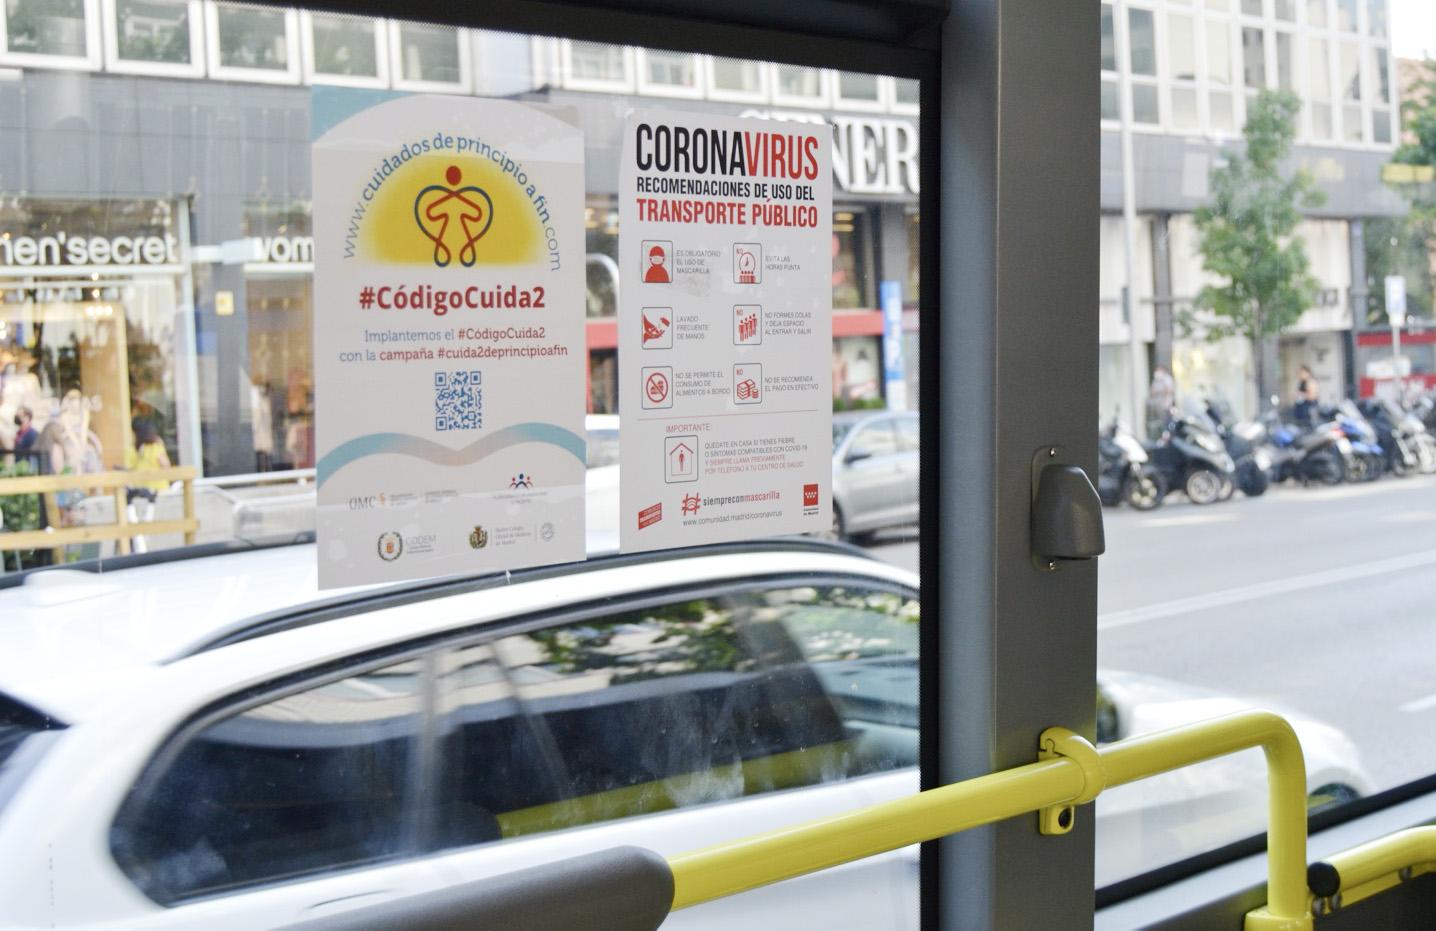 cuida2-autobuses-emt-madrid-2